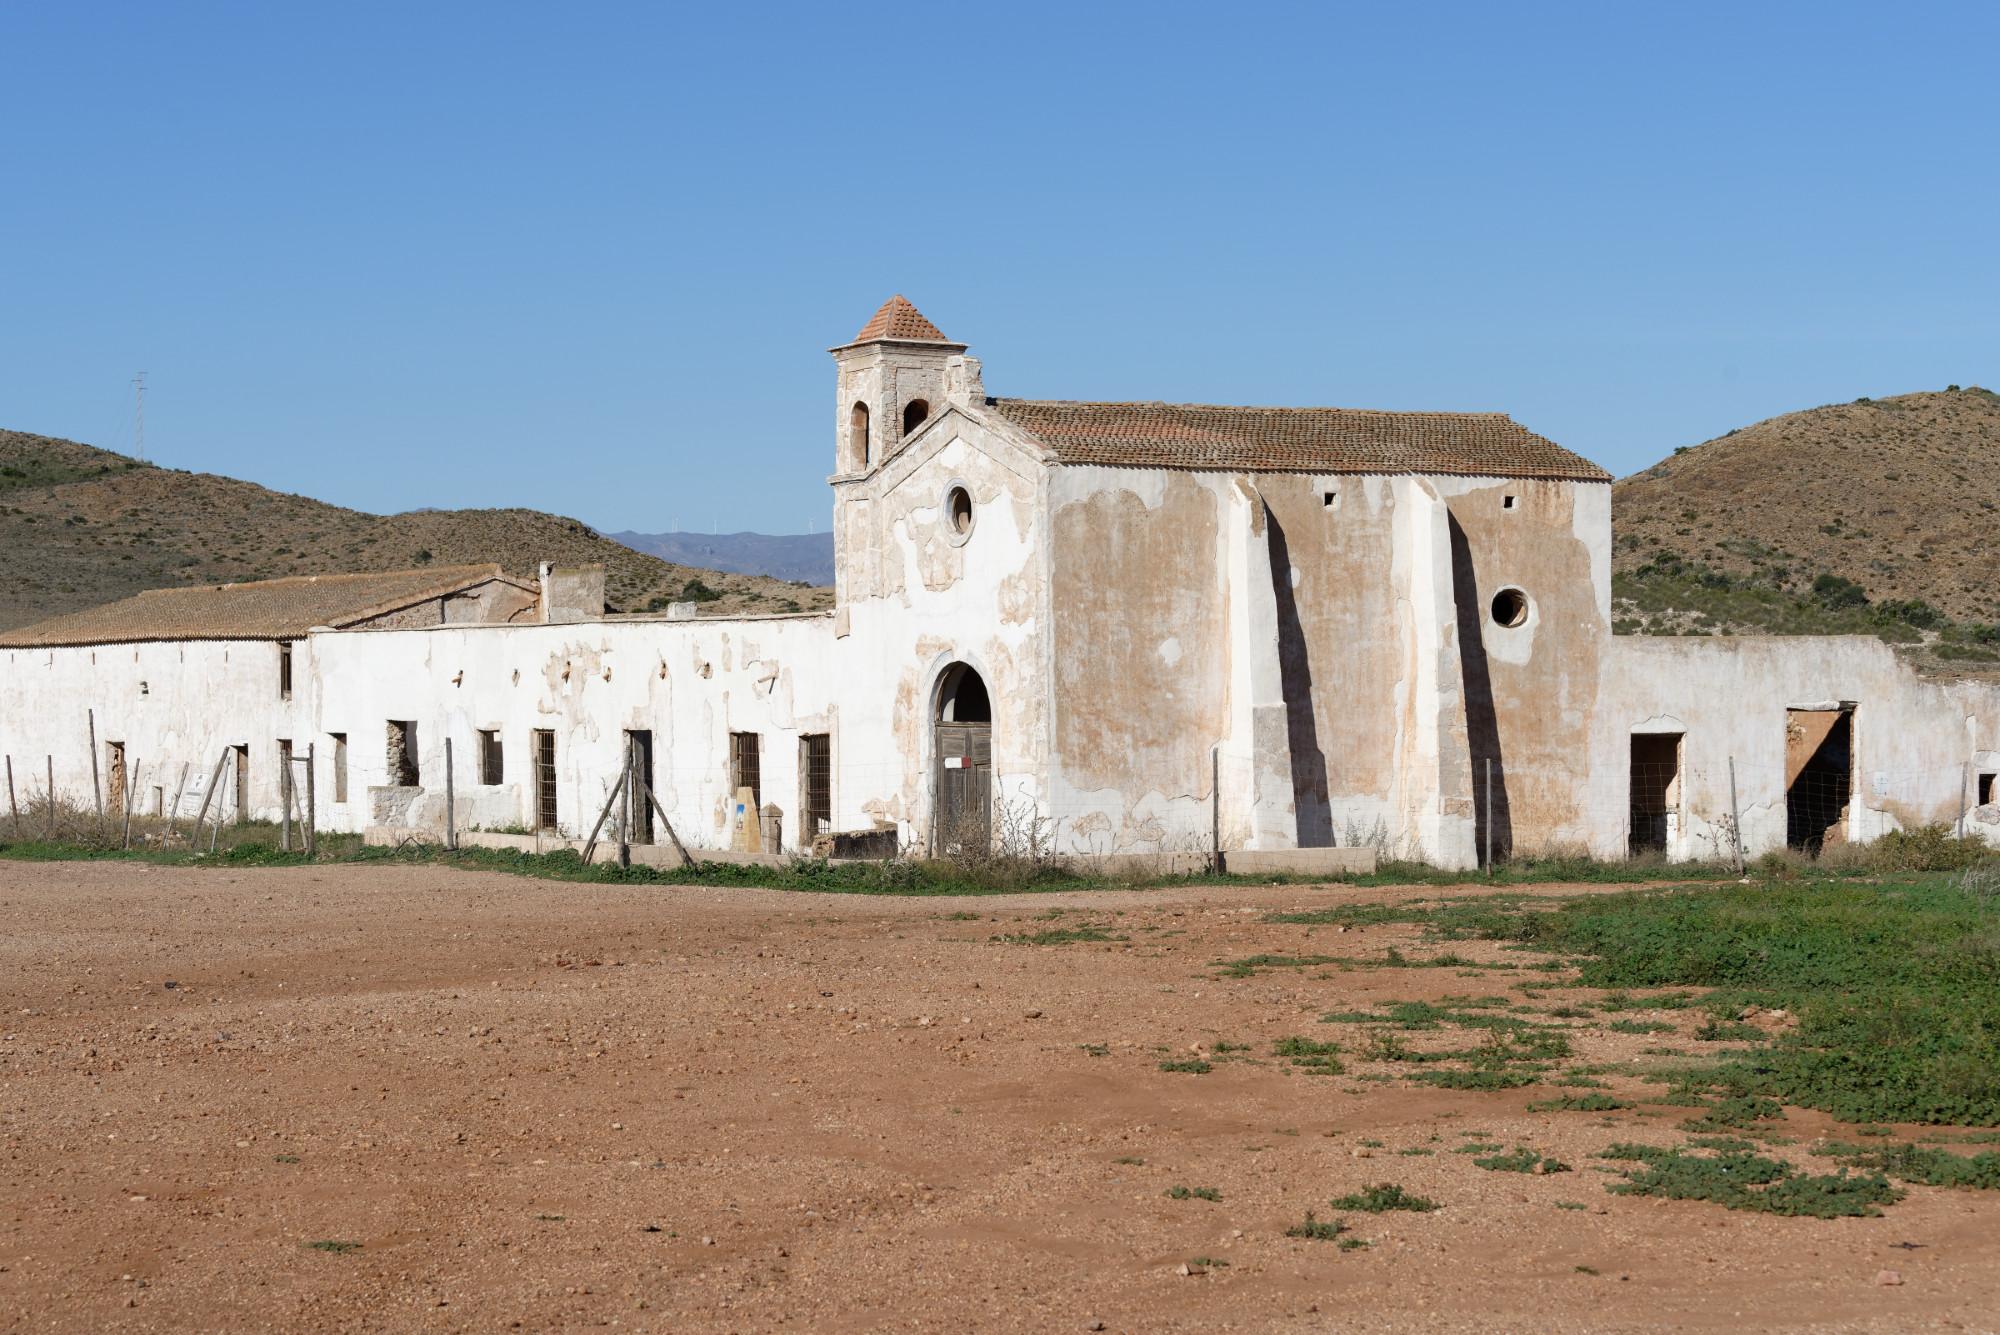 171218-Piste Rodalquilar vers Cortijo del Fraile (Cabo de Gata-Andalousie) (69)